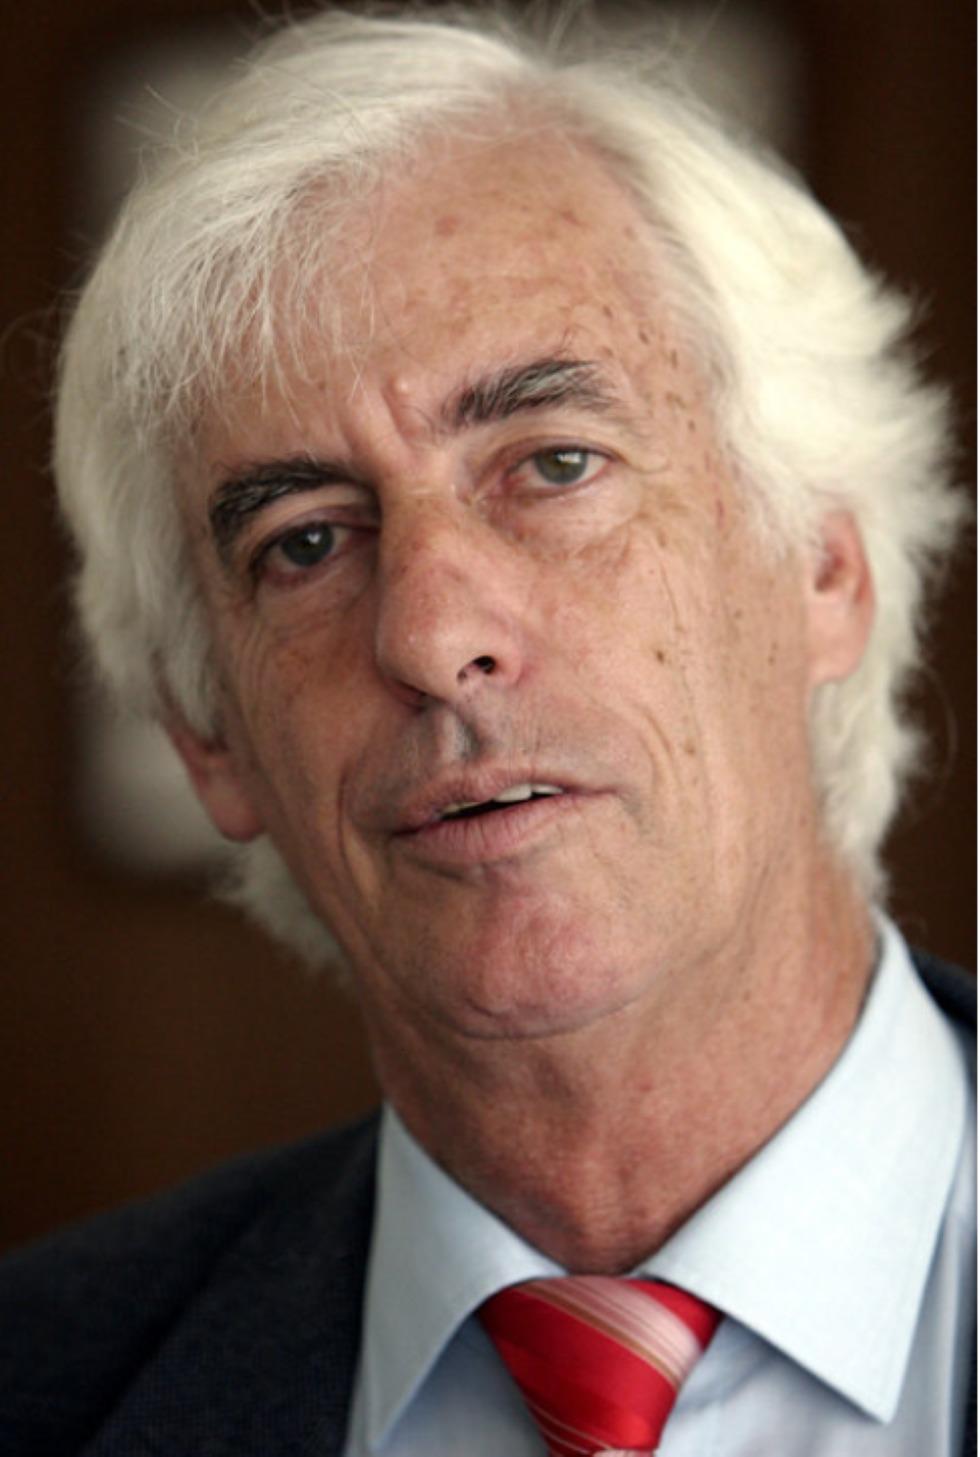 פרופסור משה צימרמן (צילום: שאול גולן)